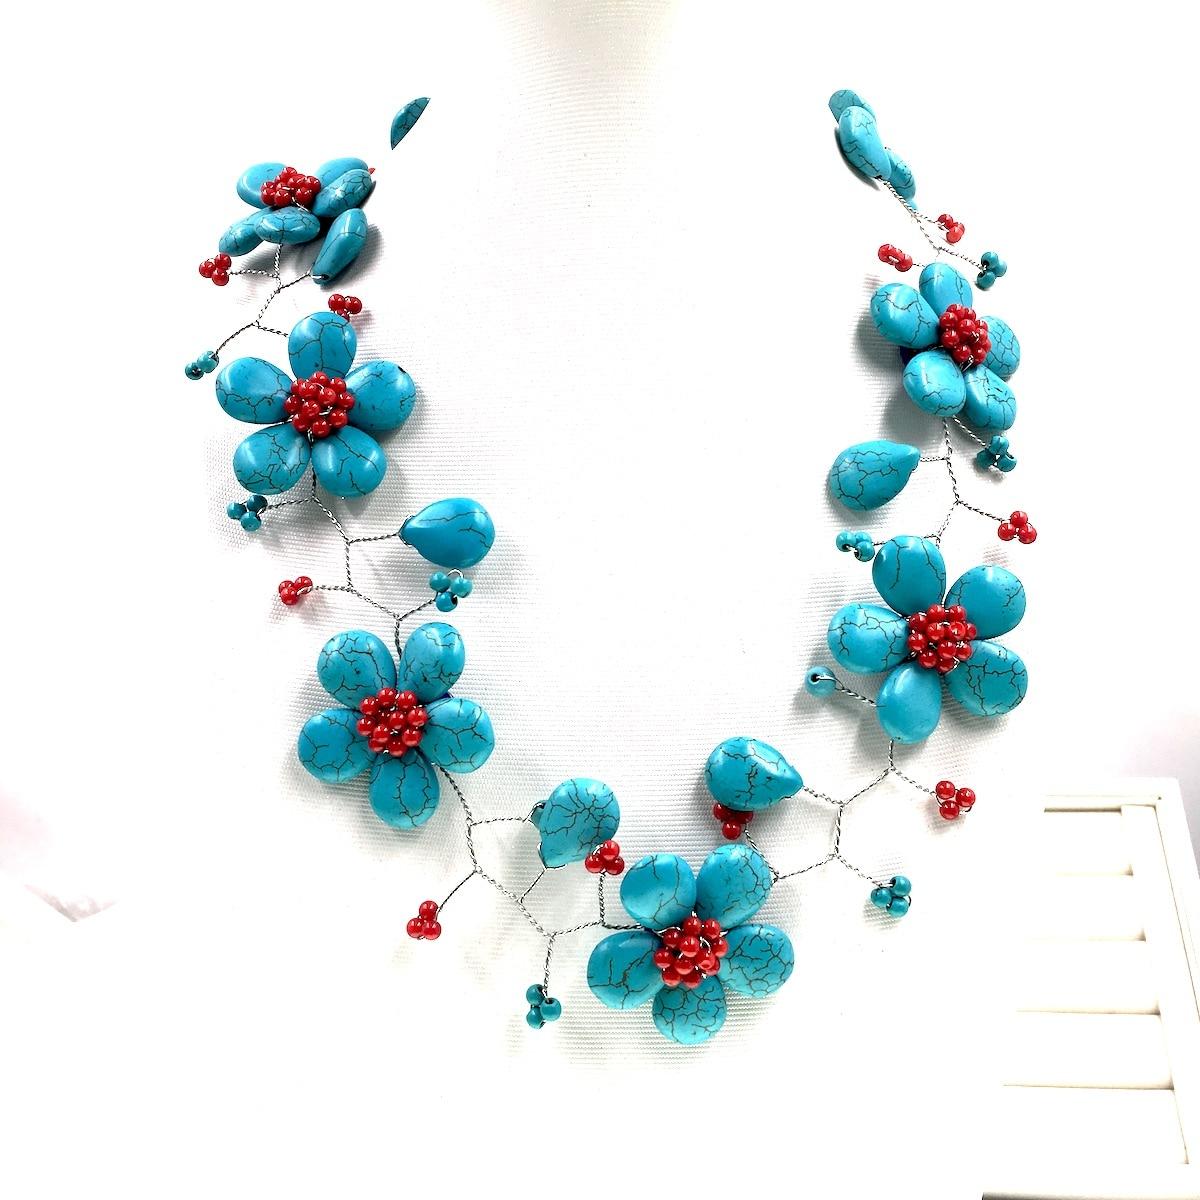 2018 vendre comme chaud à la main bleu Turquoises rouge corail fleur Choker collier Boho fête bijoux femme